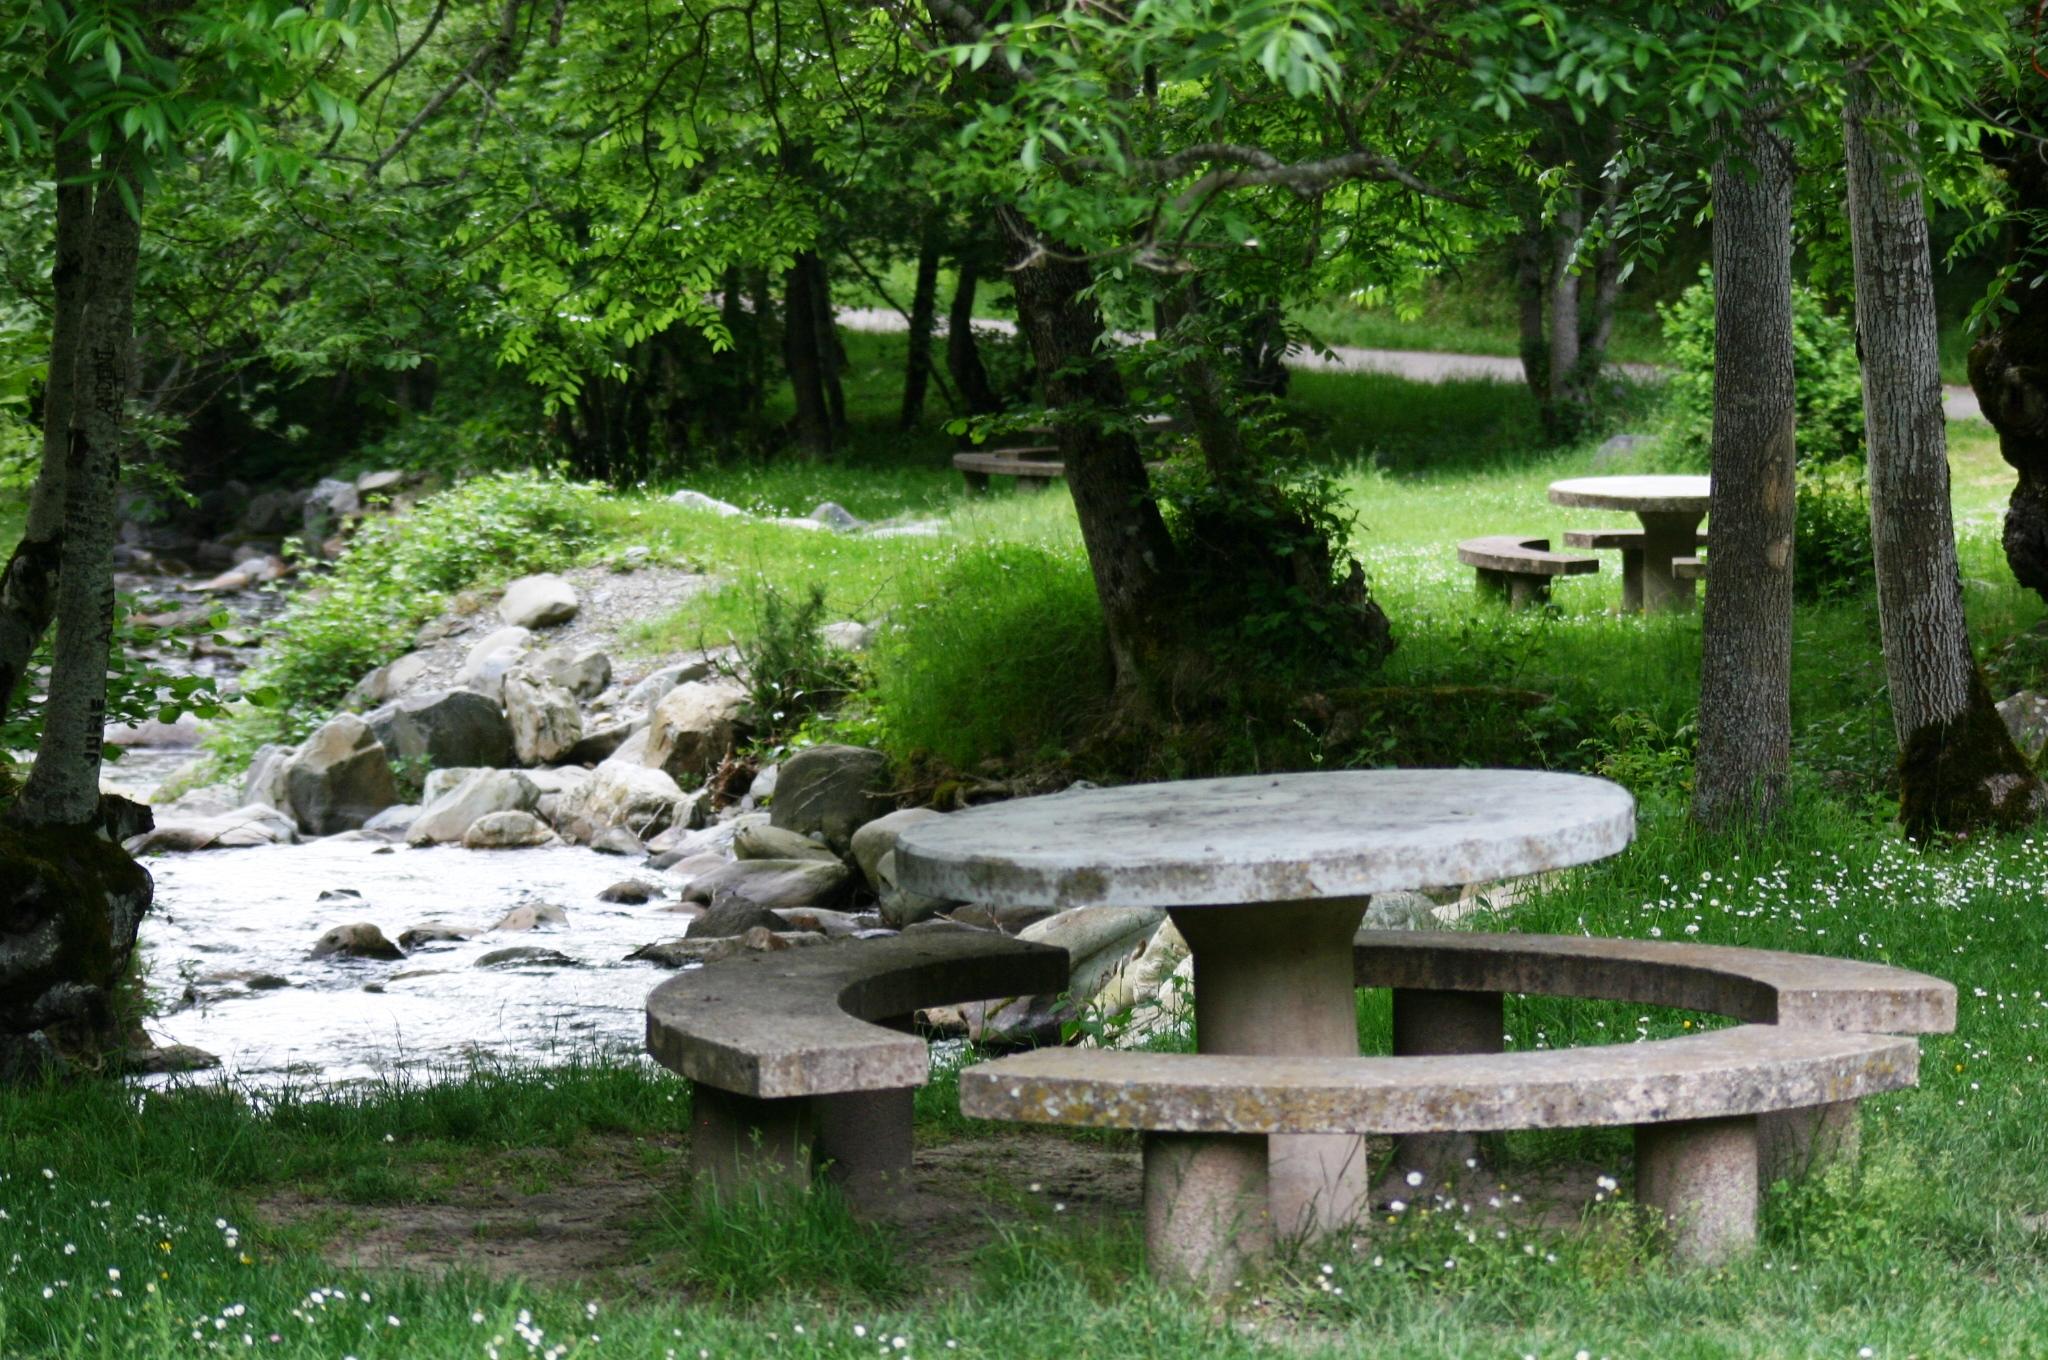 Jardin del eden ezcaray fotos de maravillas de la rioja for Los jardines del eden